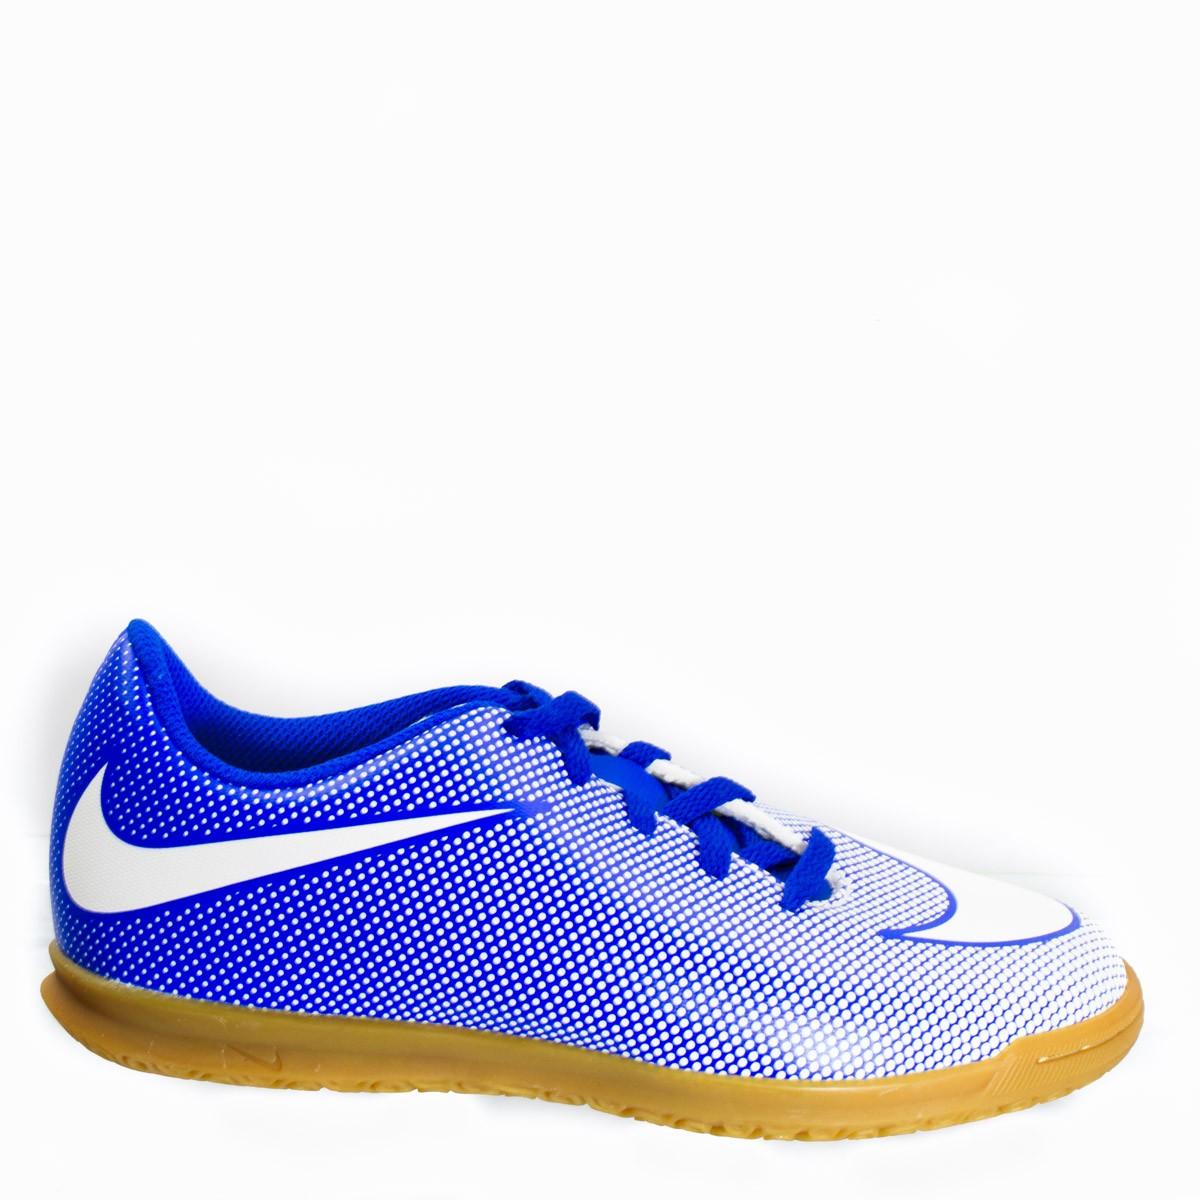 Bizz Store - Chuteira Infantil Futsal Nike Bravata II IC JR b2a009c9bb2ed